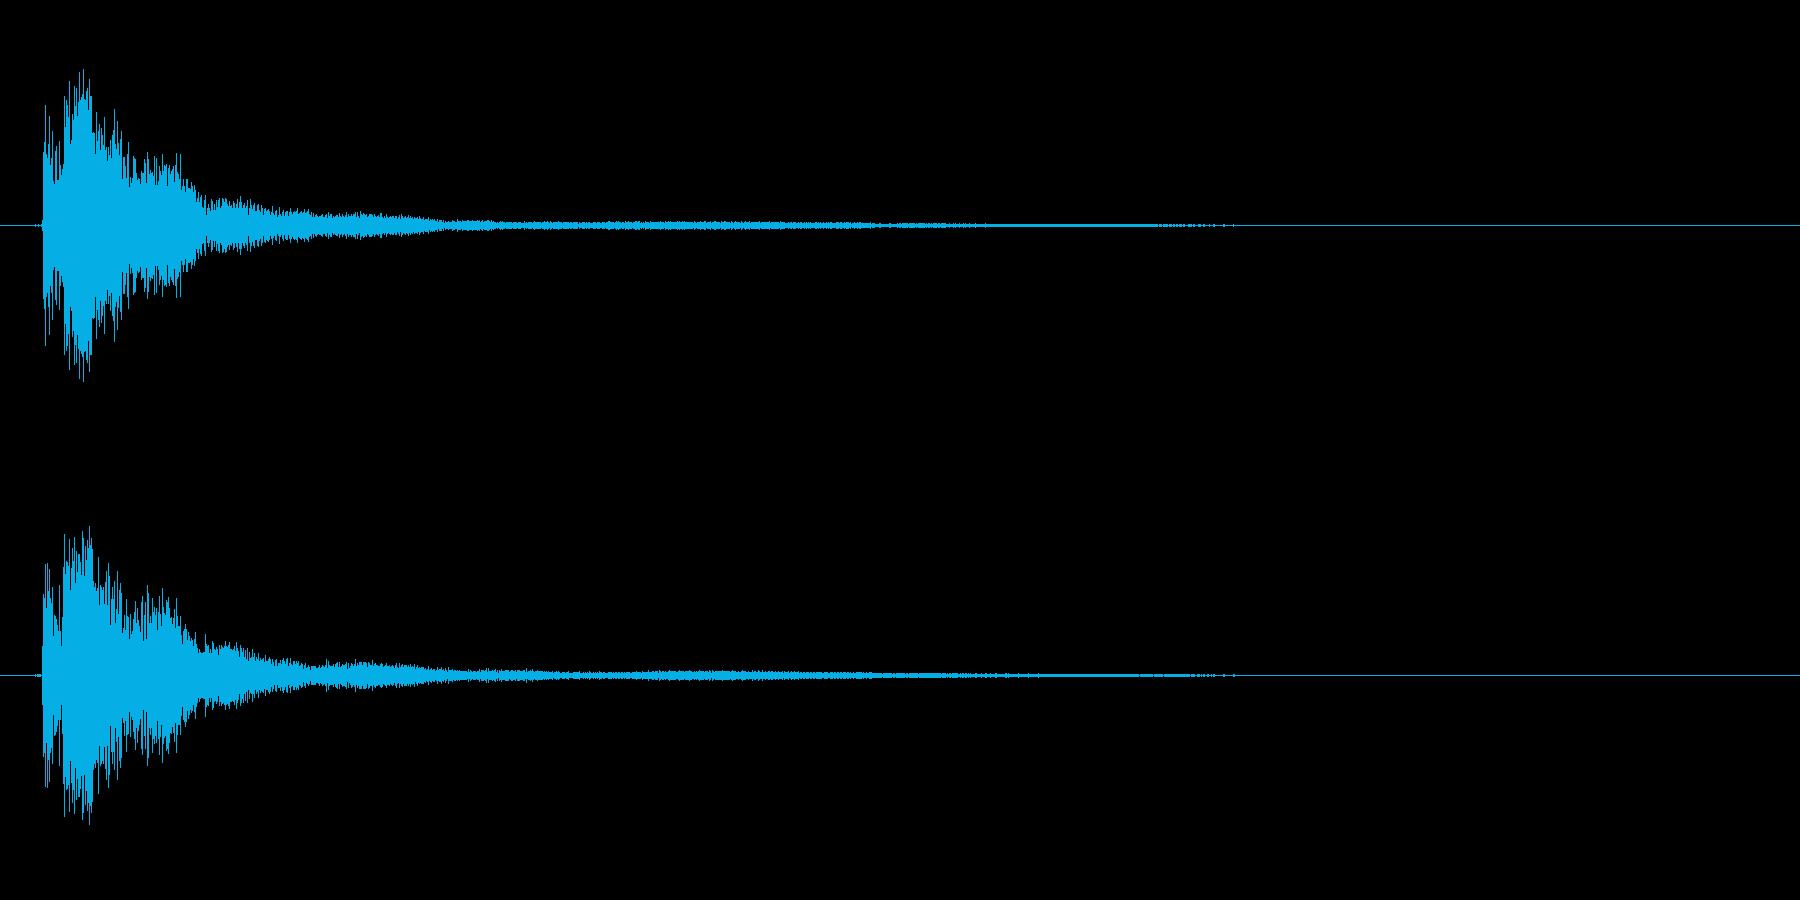 キン!金串(軽い金属棒)当たる音の再生済みの波形